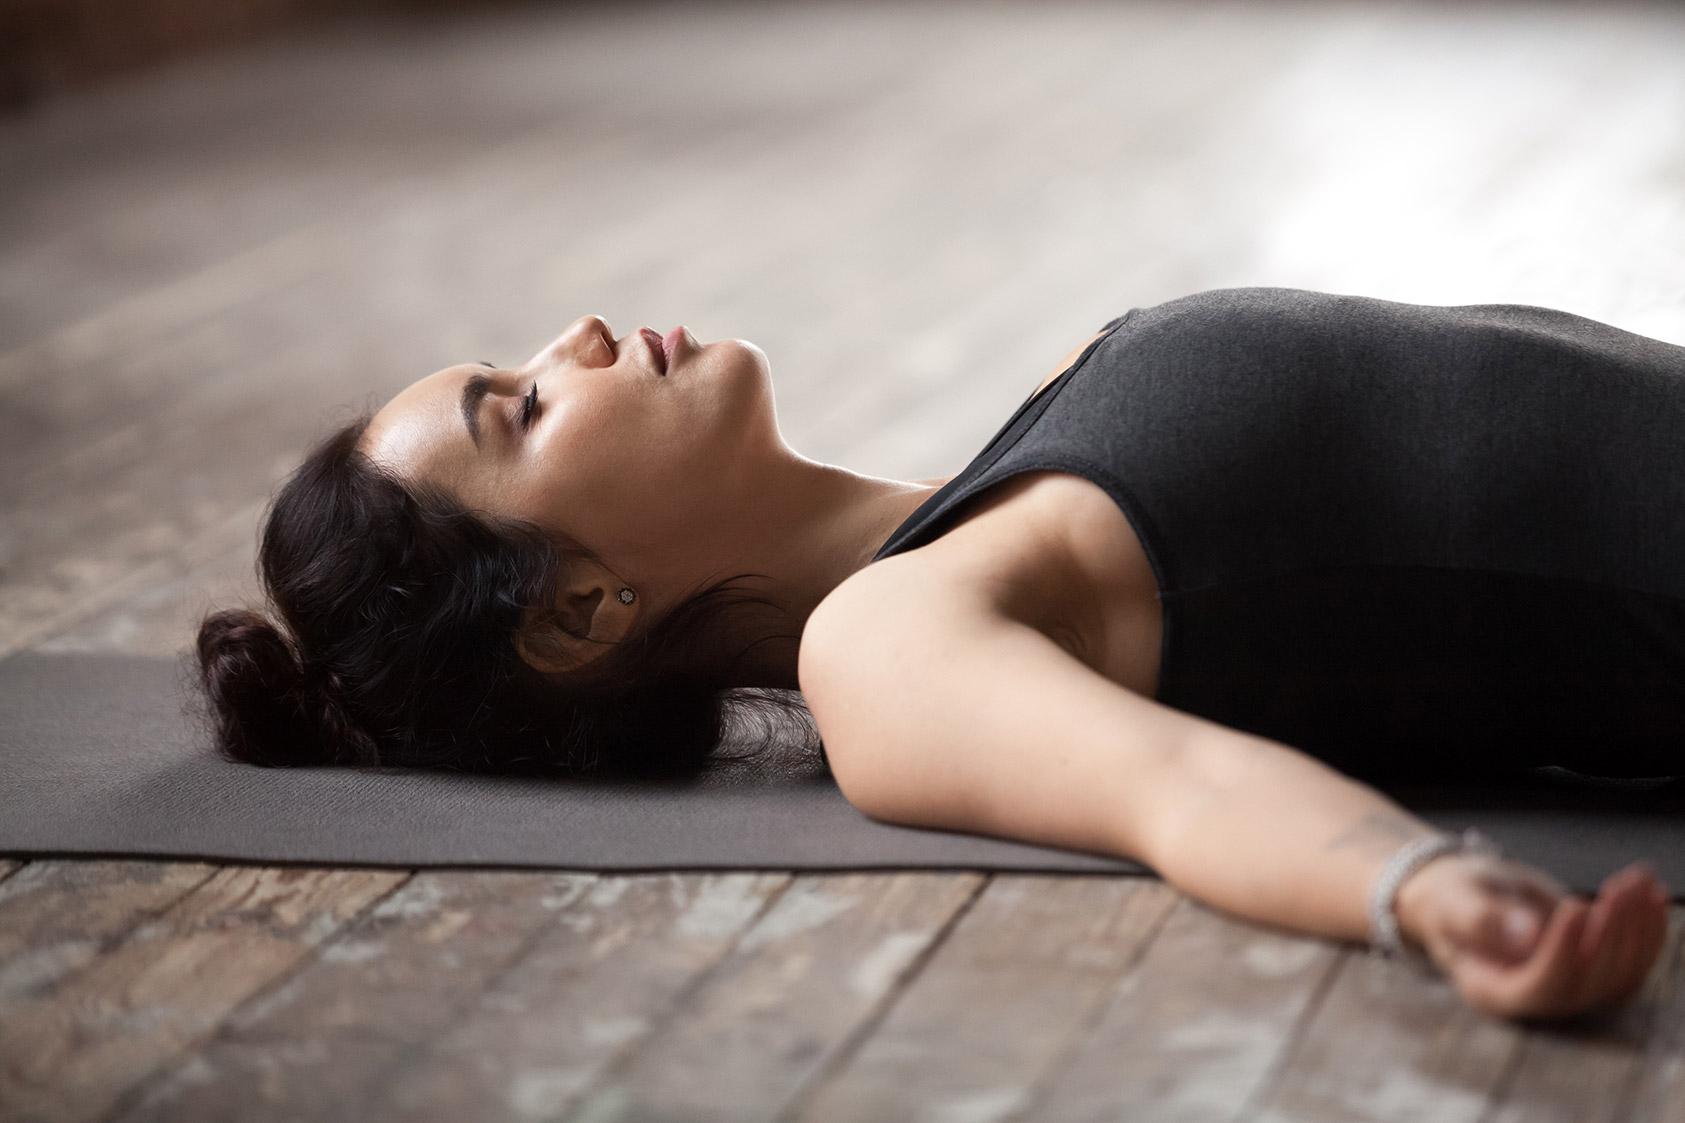 kuru-hero-relax-yoga